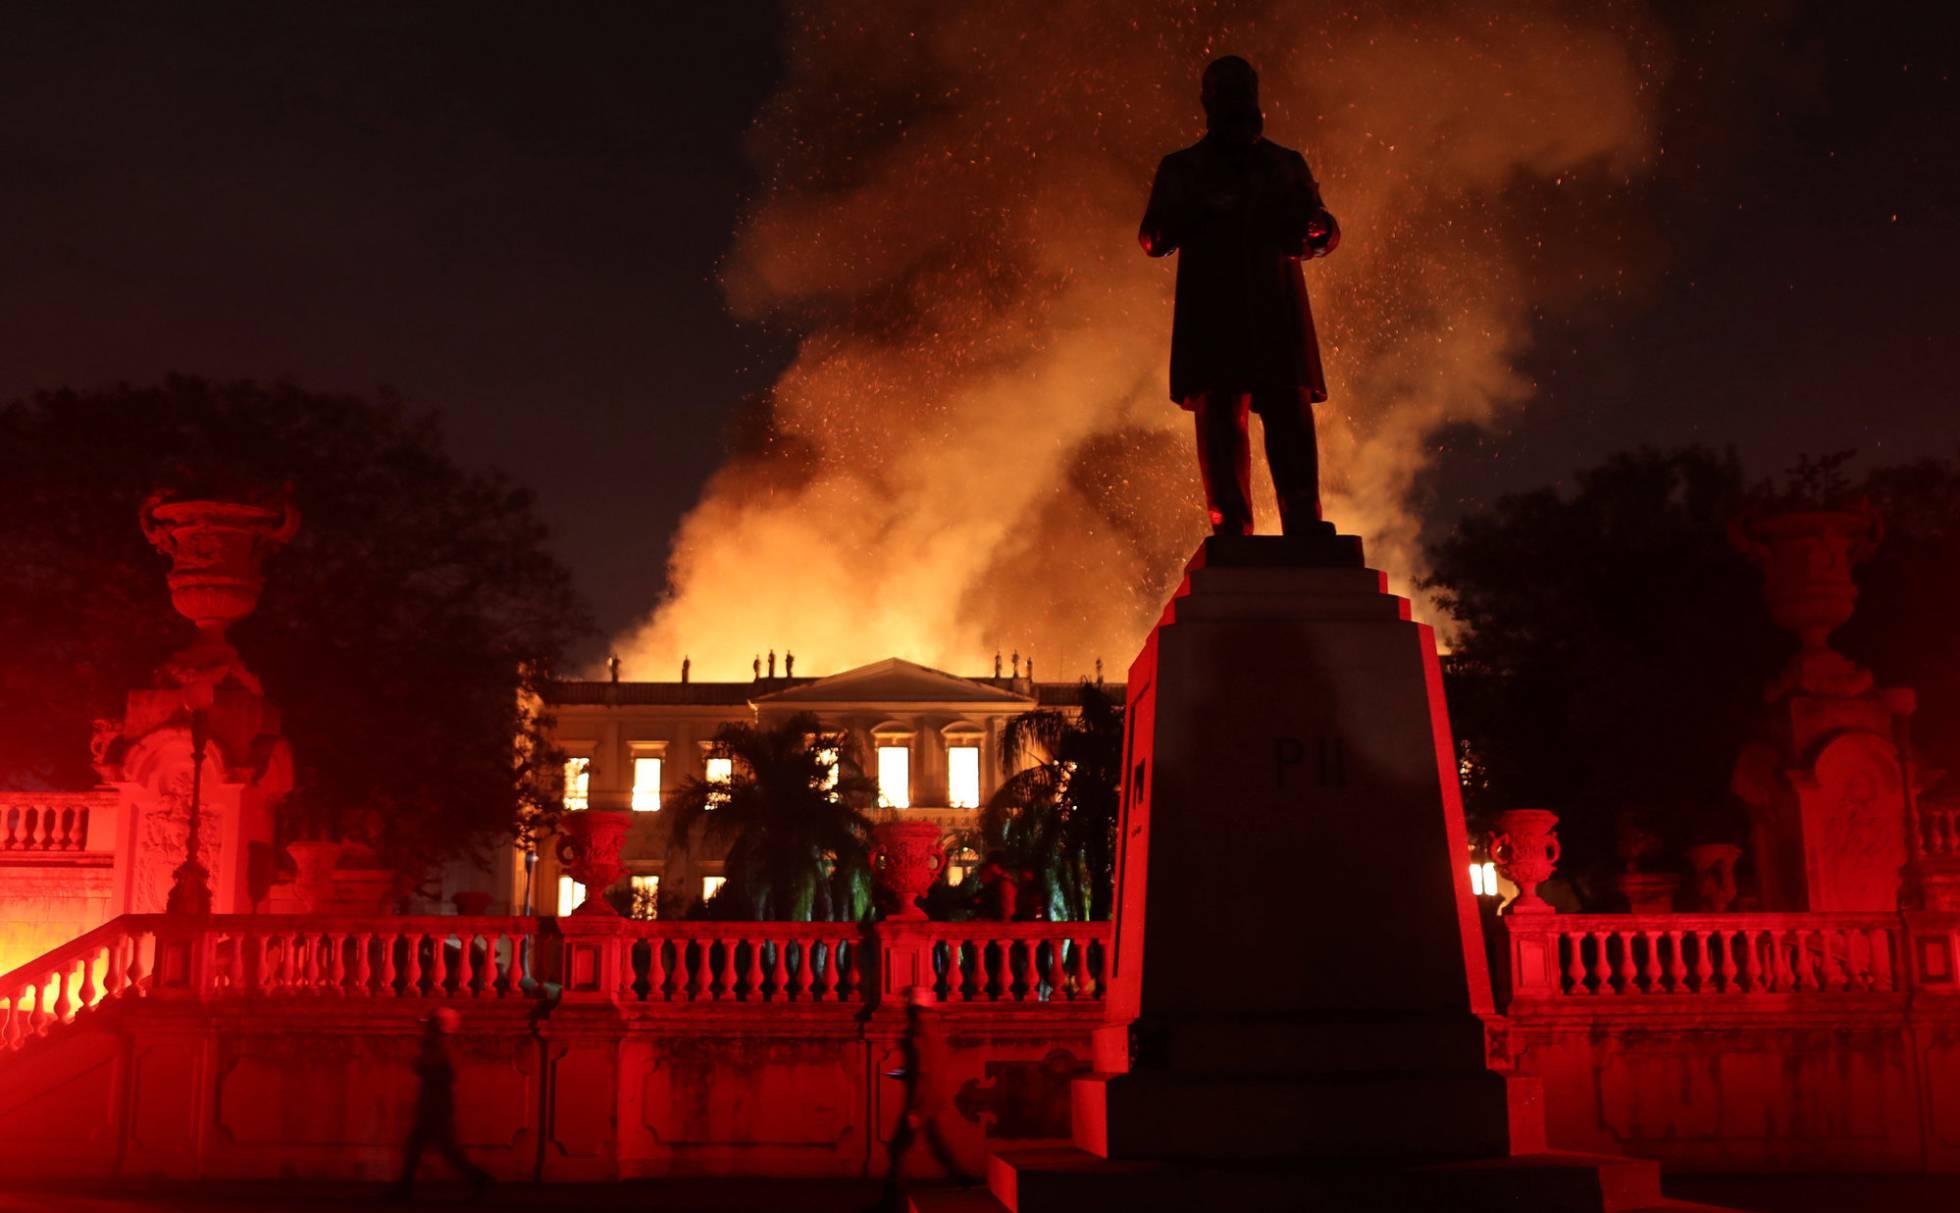 Incêndio no Museu Nacional. FONTE: BBC News